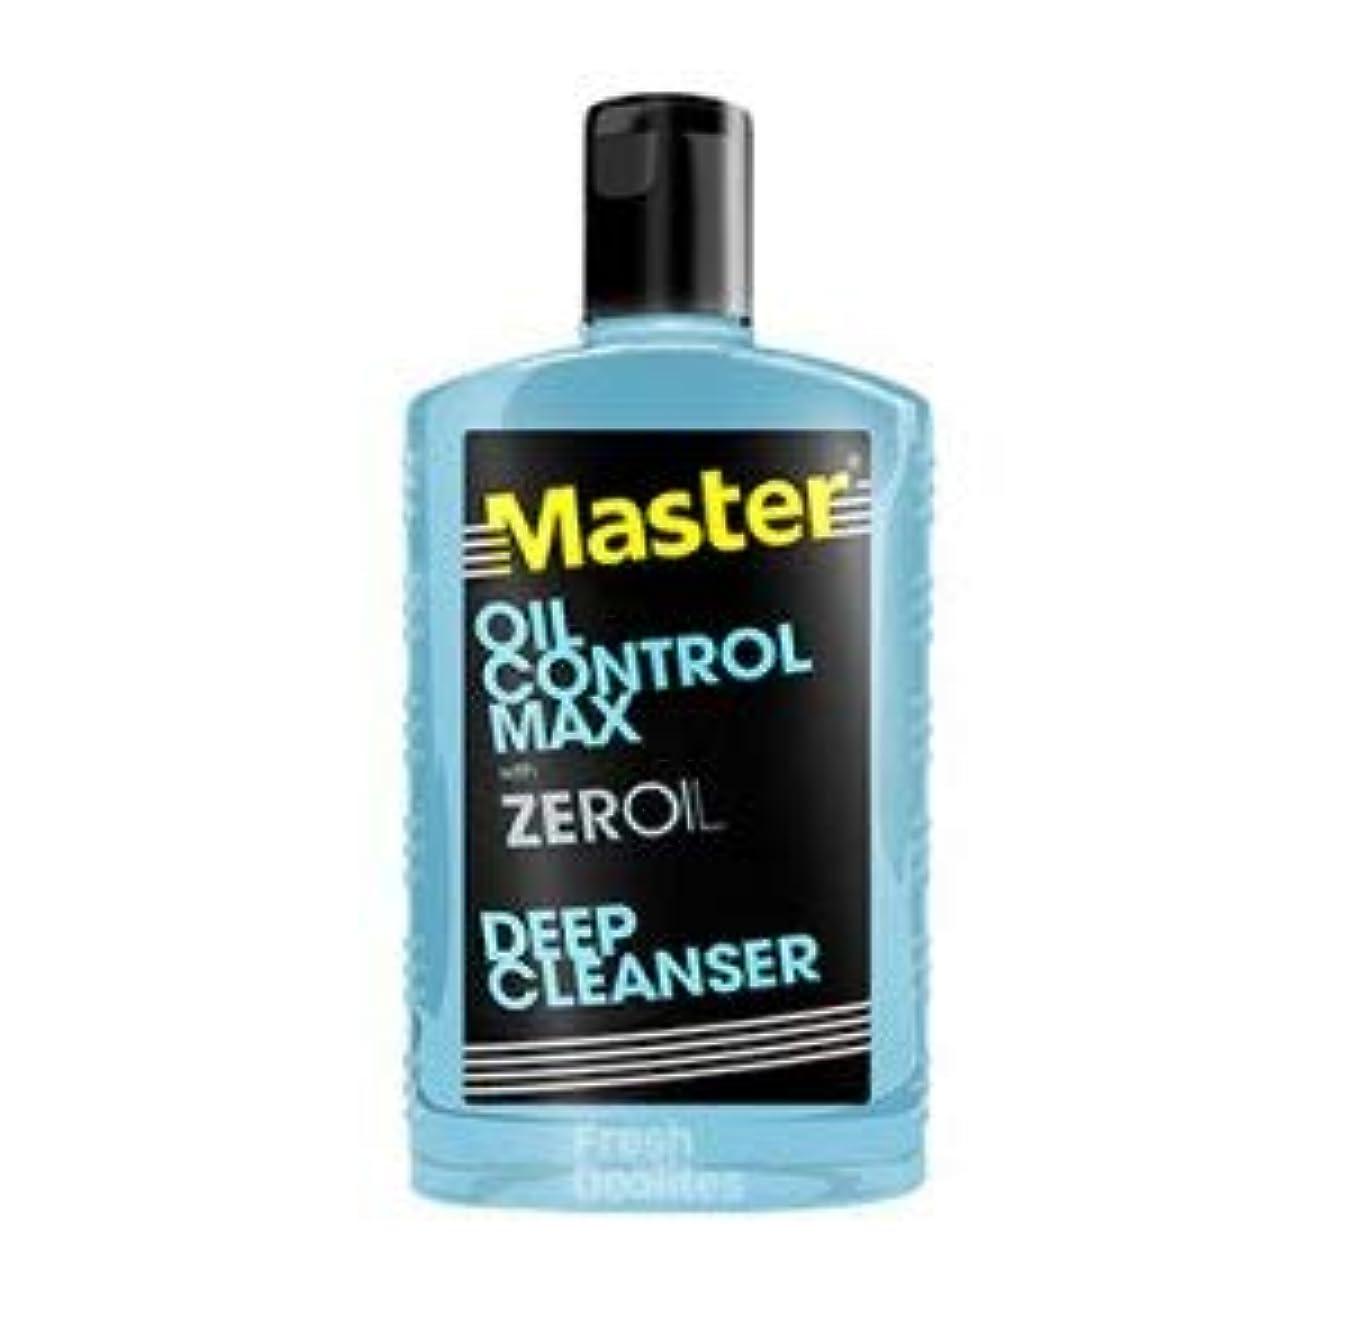 シュート裏切り者何故なのMaster OIL CONTROL MAX with ZEROIL 135ml【PHILIPPINES】